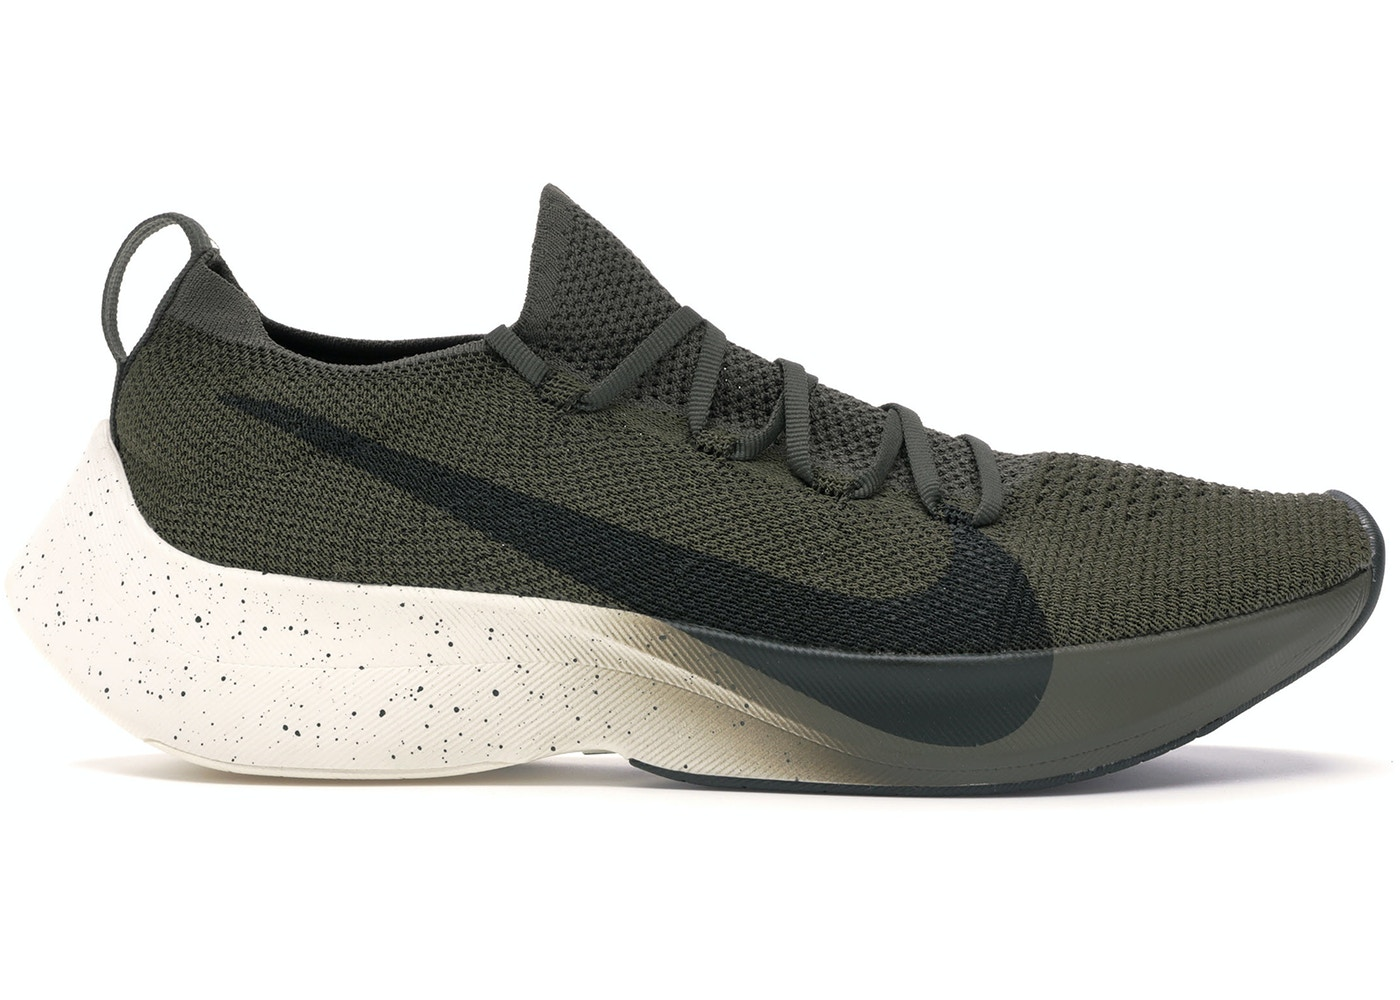 b98cf398c0 Nike Vapor Street Flyknit Medium Olive - AQ1763-201